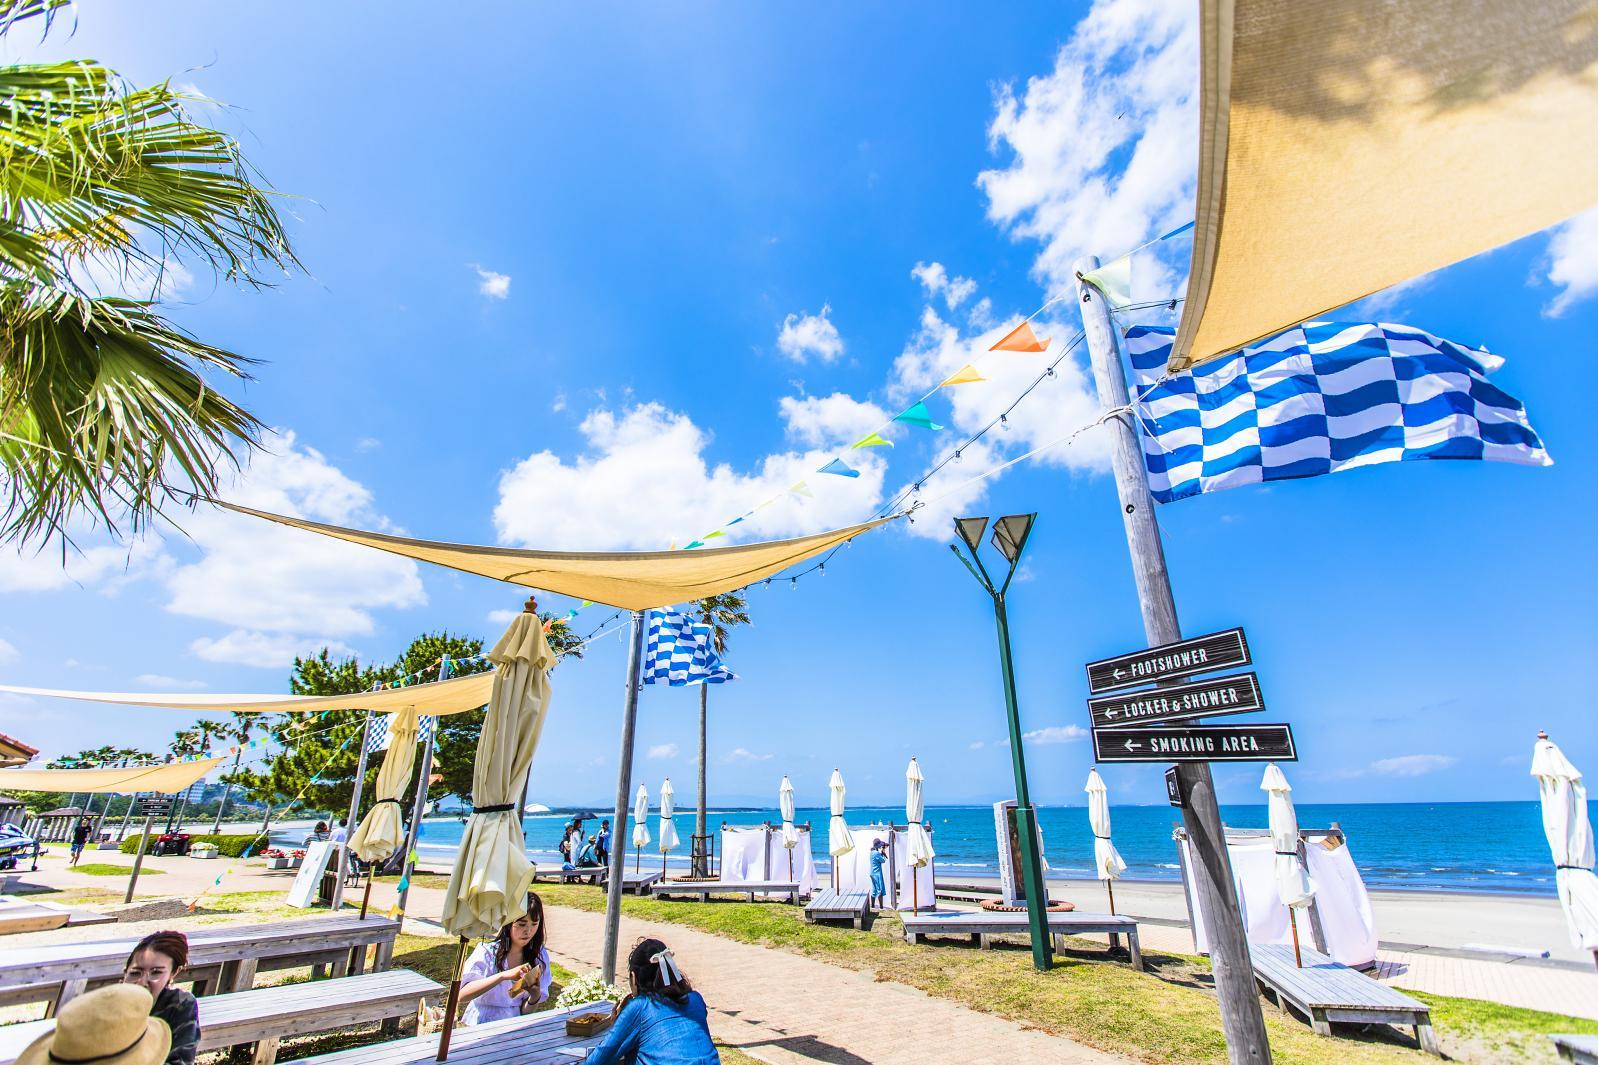 南國度假勝地 青島BEACH PARK(海濱公園)